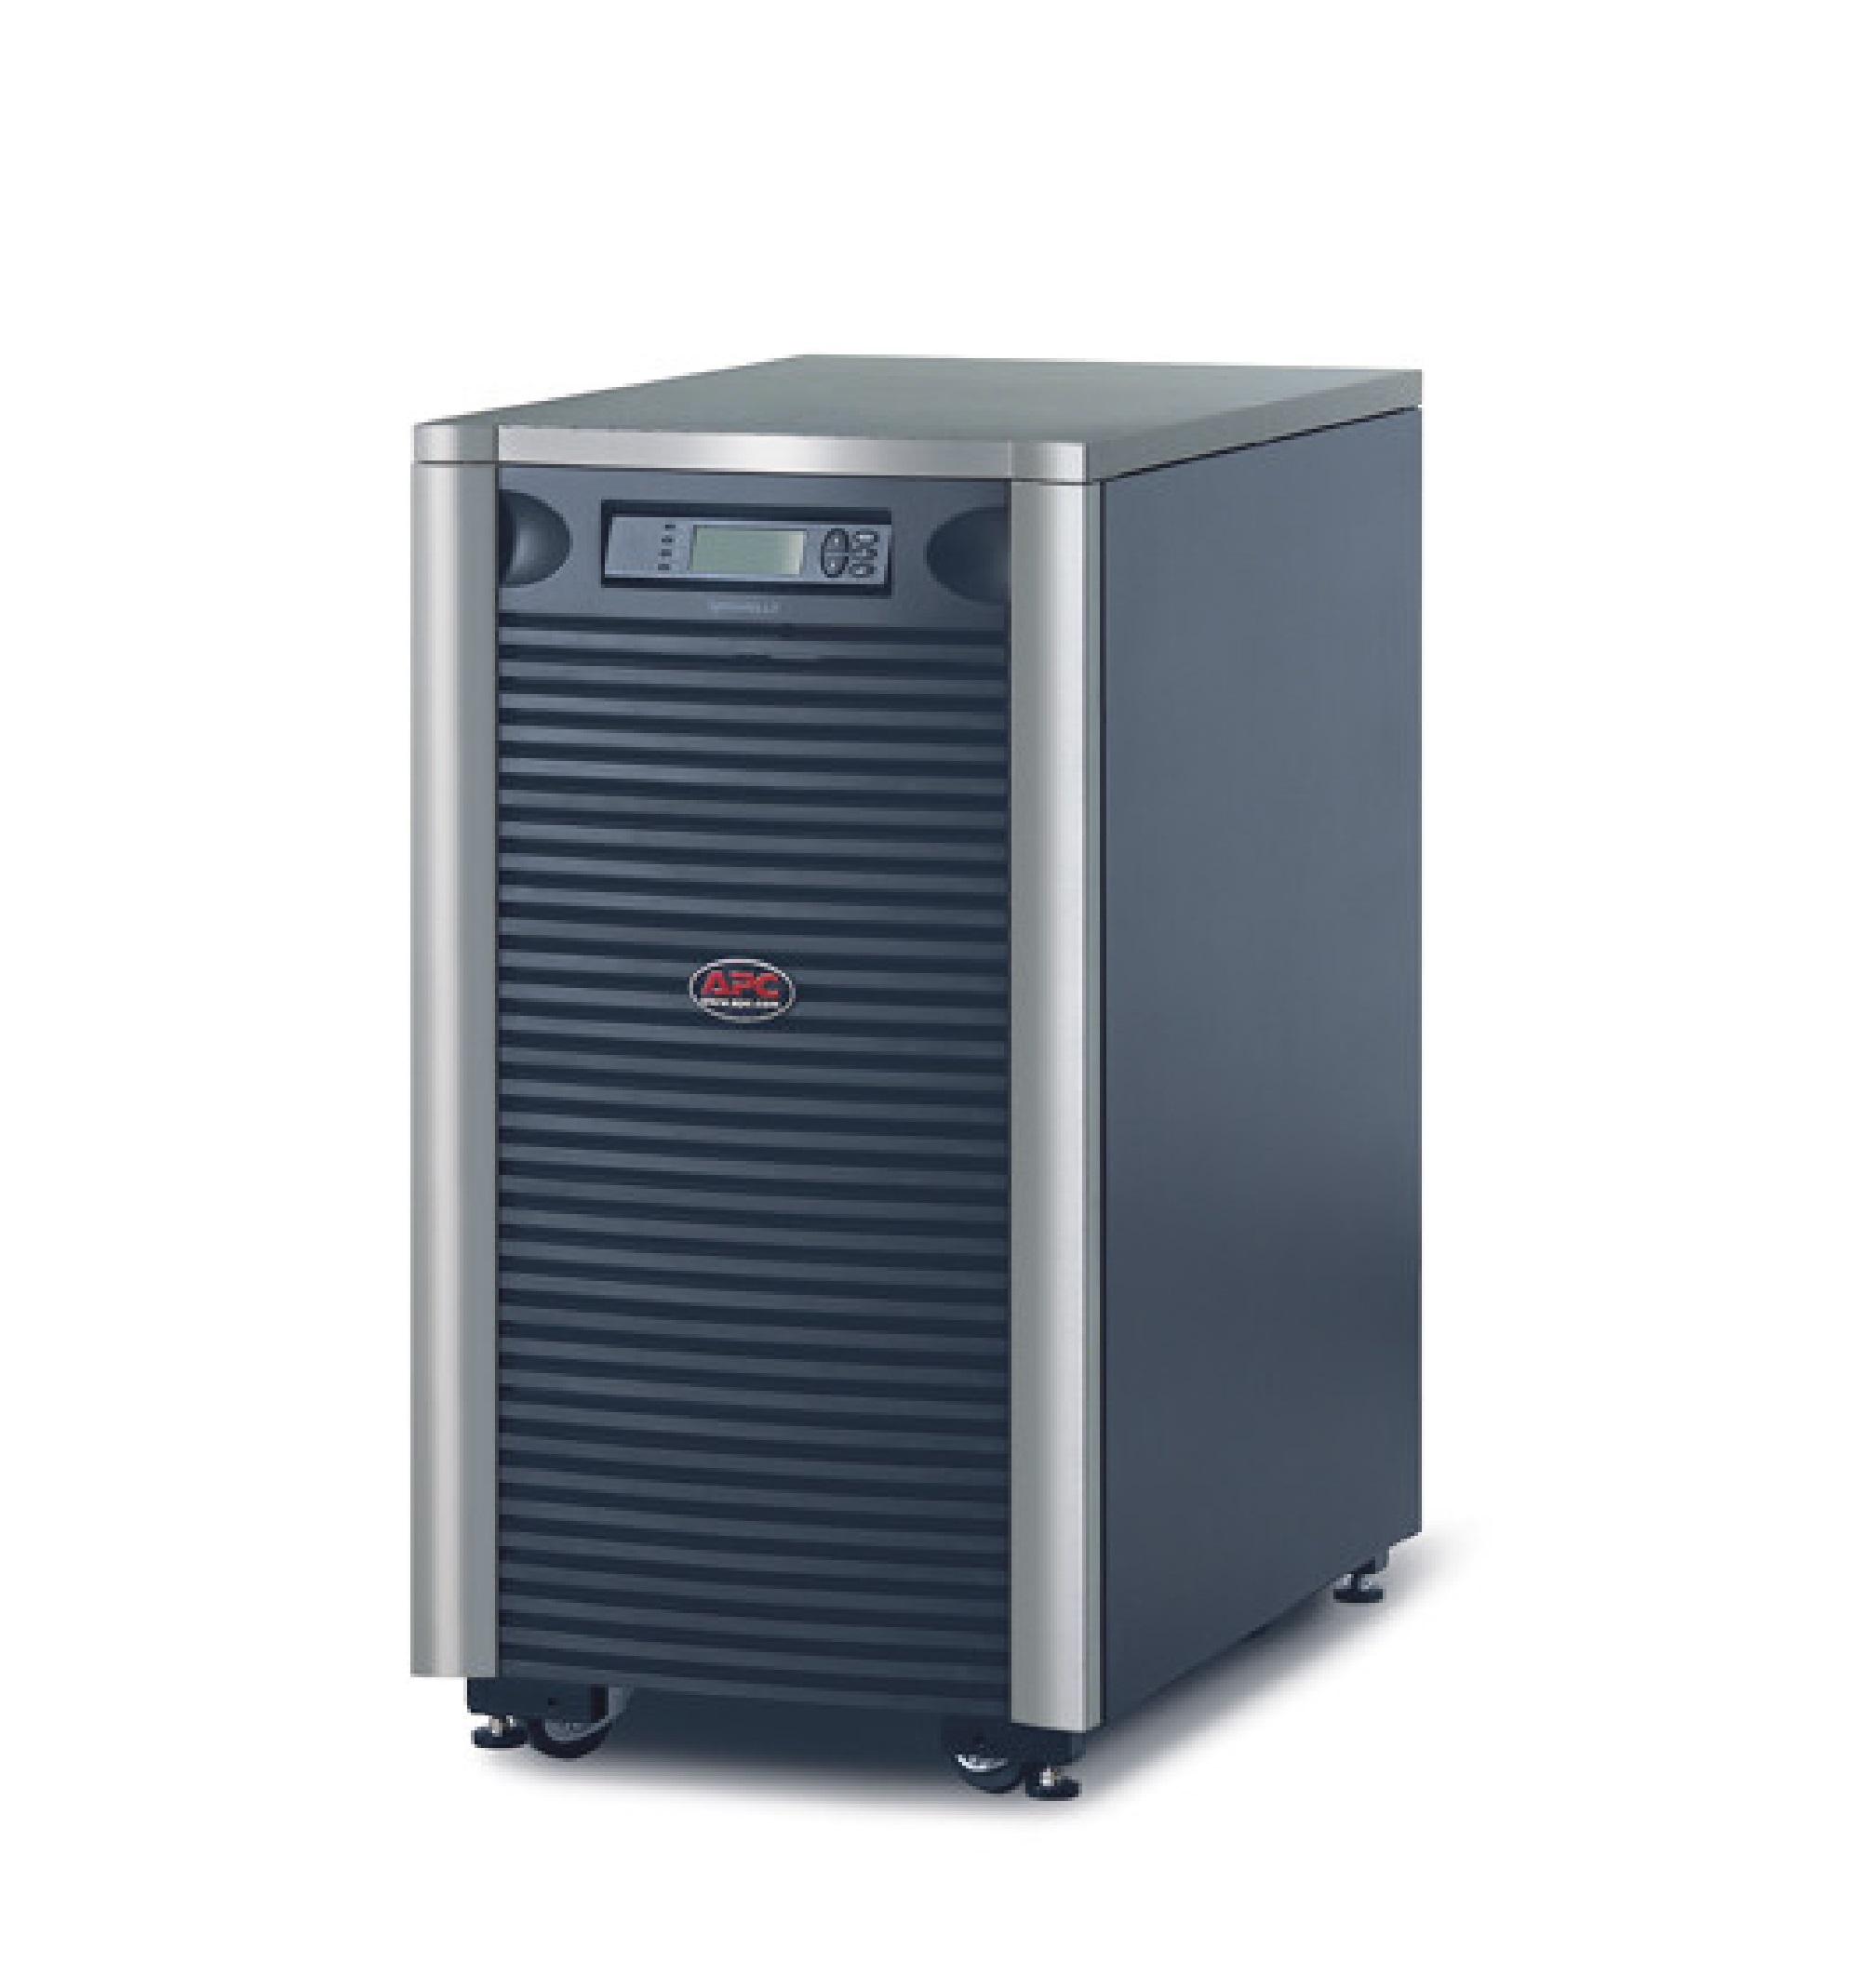 Symmetra LX APC, 16 kVA escalável a 16 kVA, N+1 em torre, 220/230/240 V ou 380/400/415 V